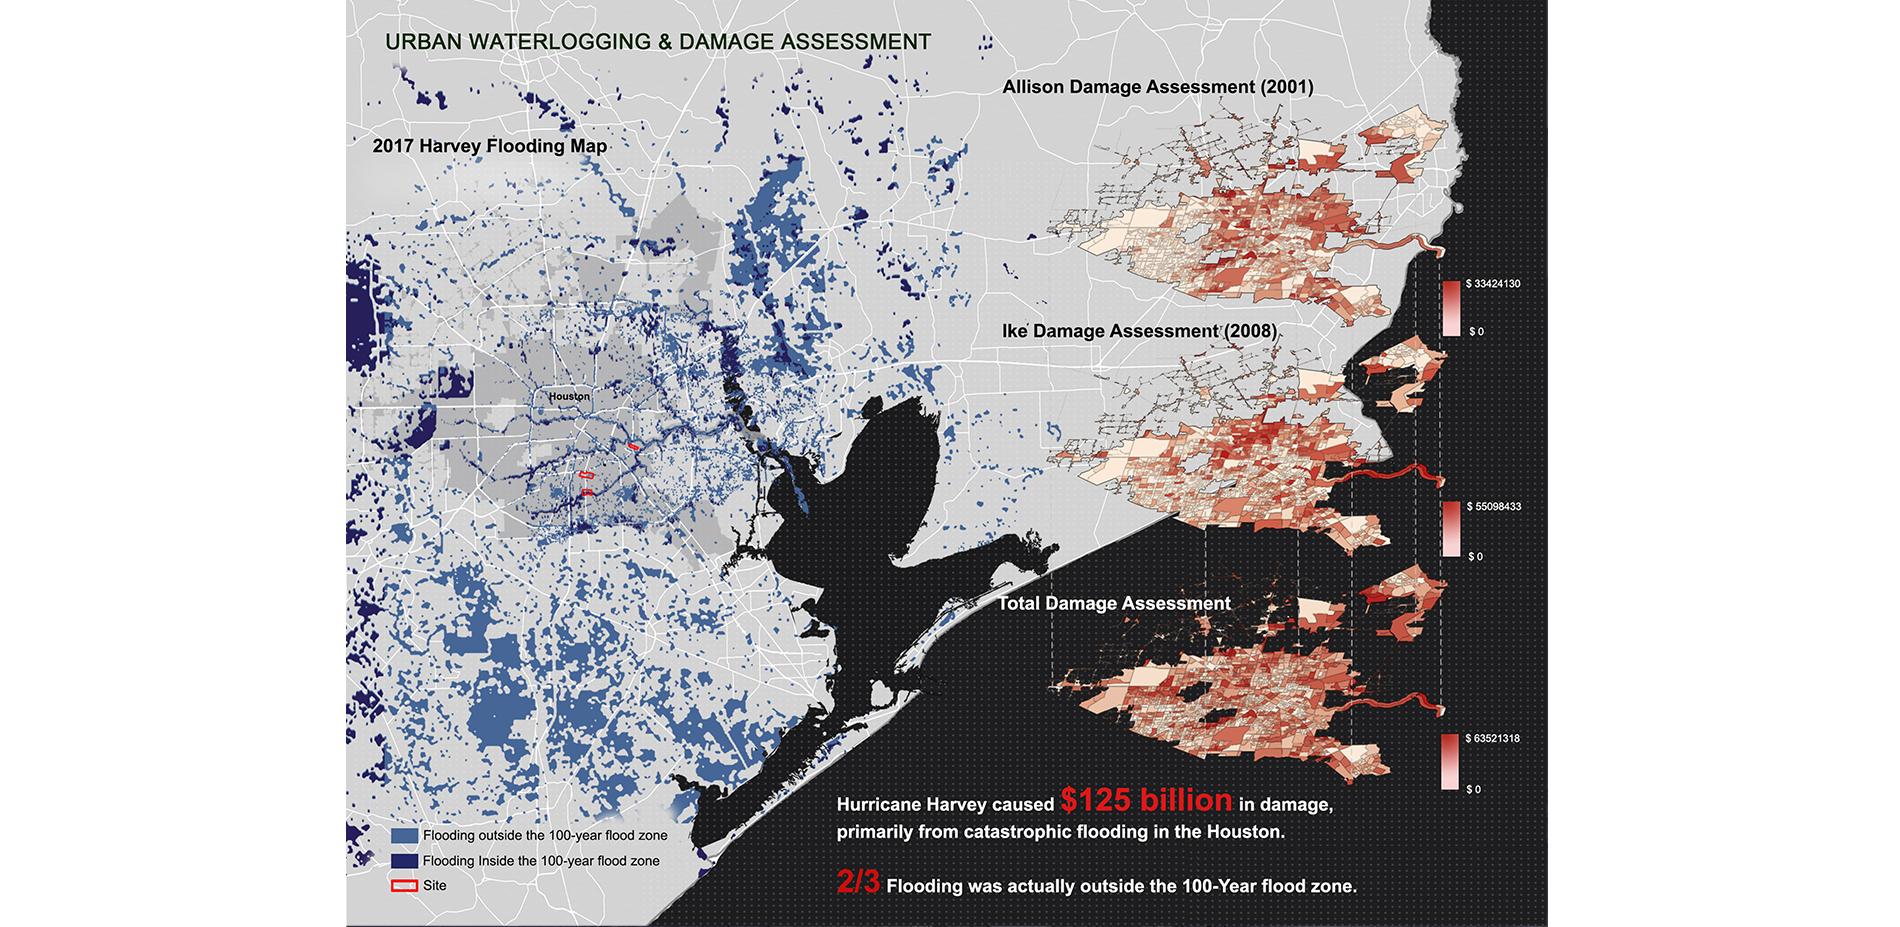 Urban water-logging & damage assessment